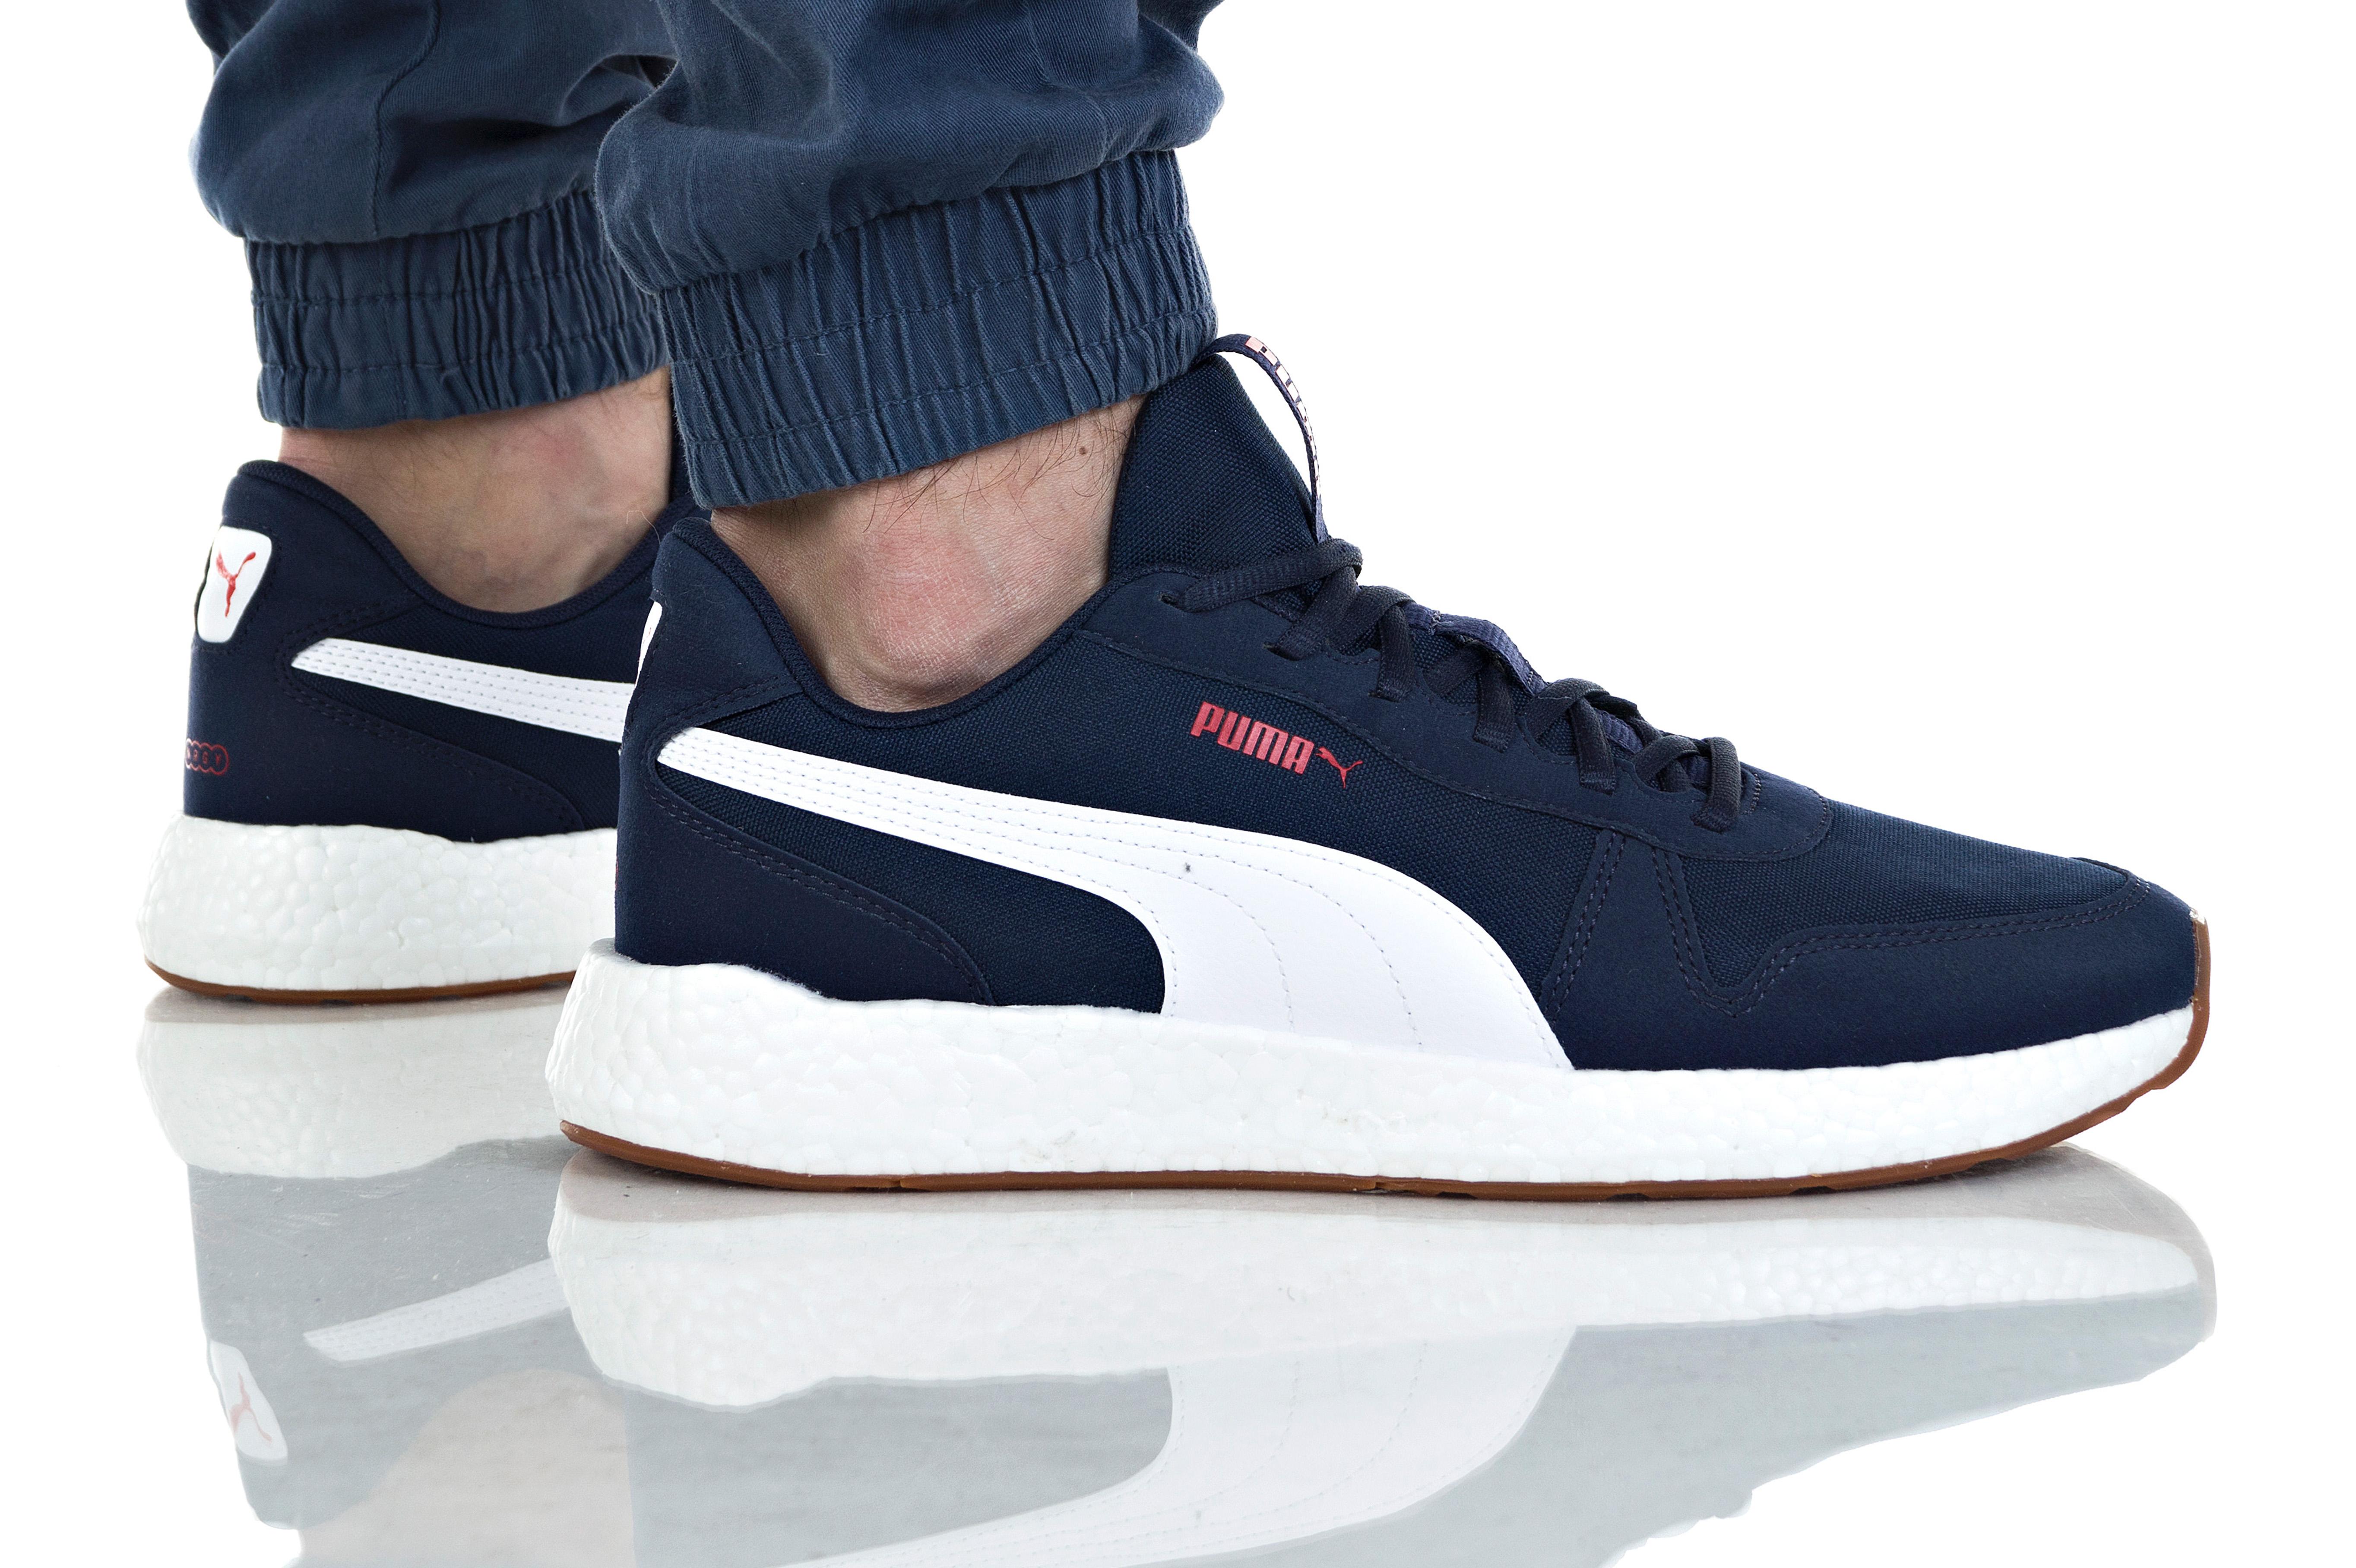 נעליים פומה לגברים PUMA NRGY NEKO RETRO - כחול כהה